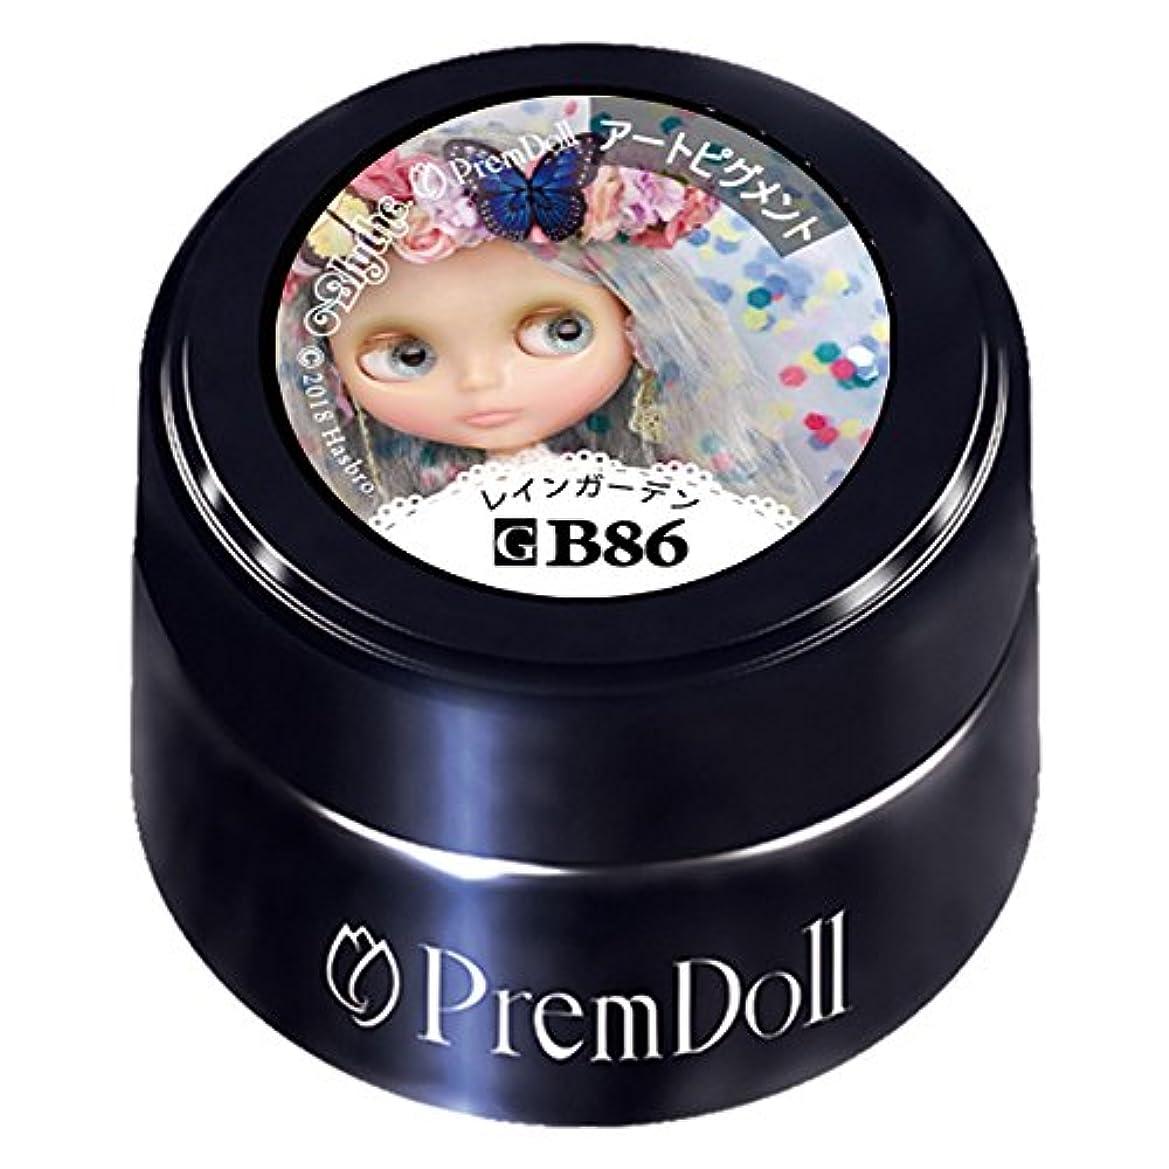 PRE GEL プリムドールレインガーデン86 DOLL-B86 UV/LED対応